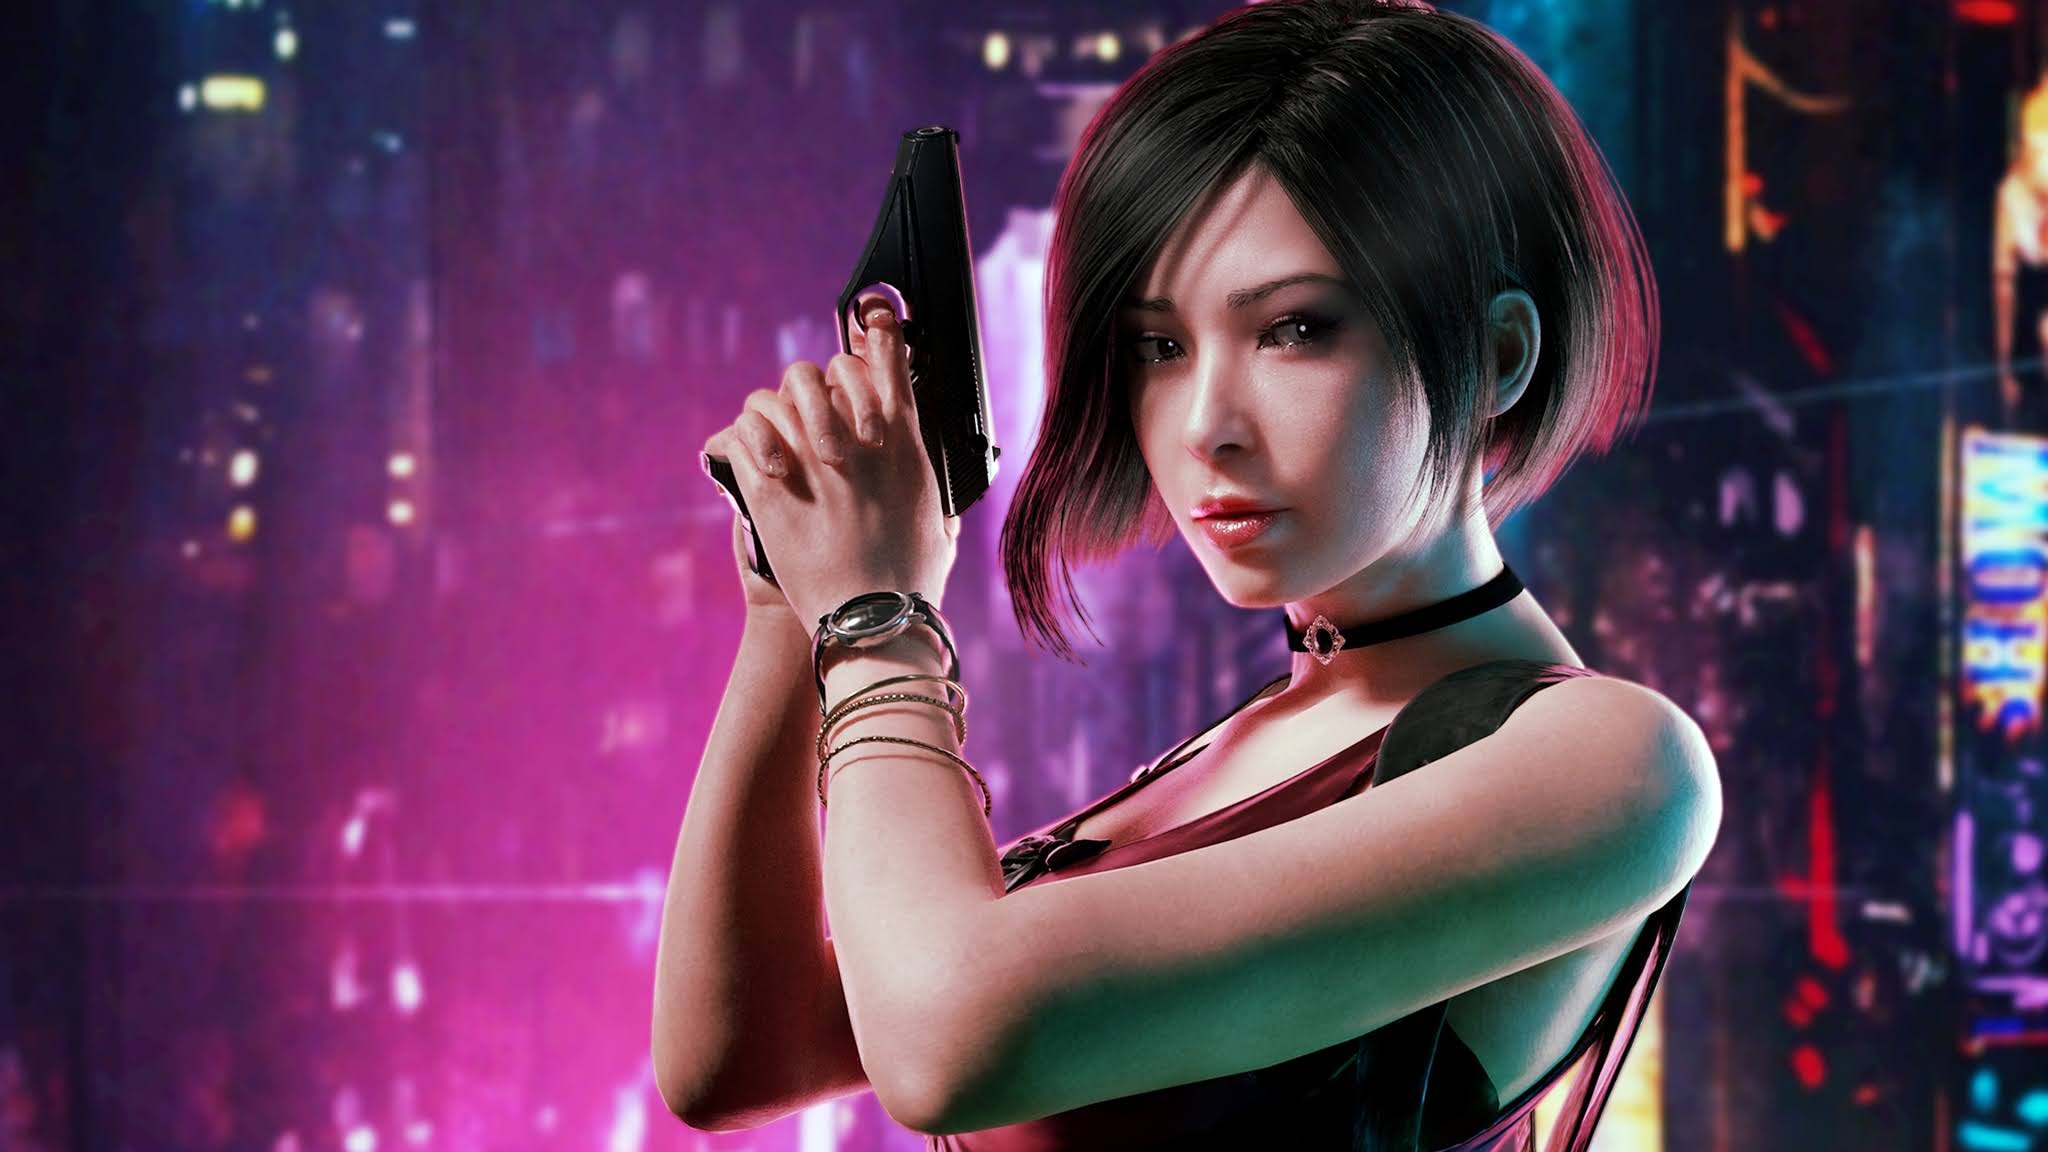 Ada Wong, Resident Evil 2, 4K, #12 Wallpaper